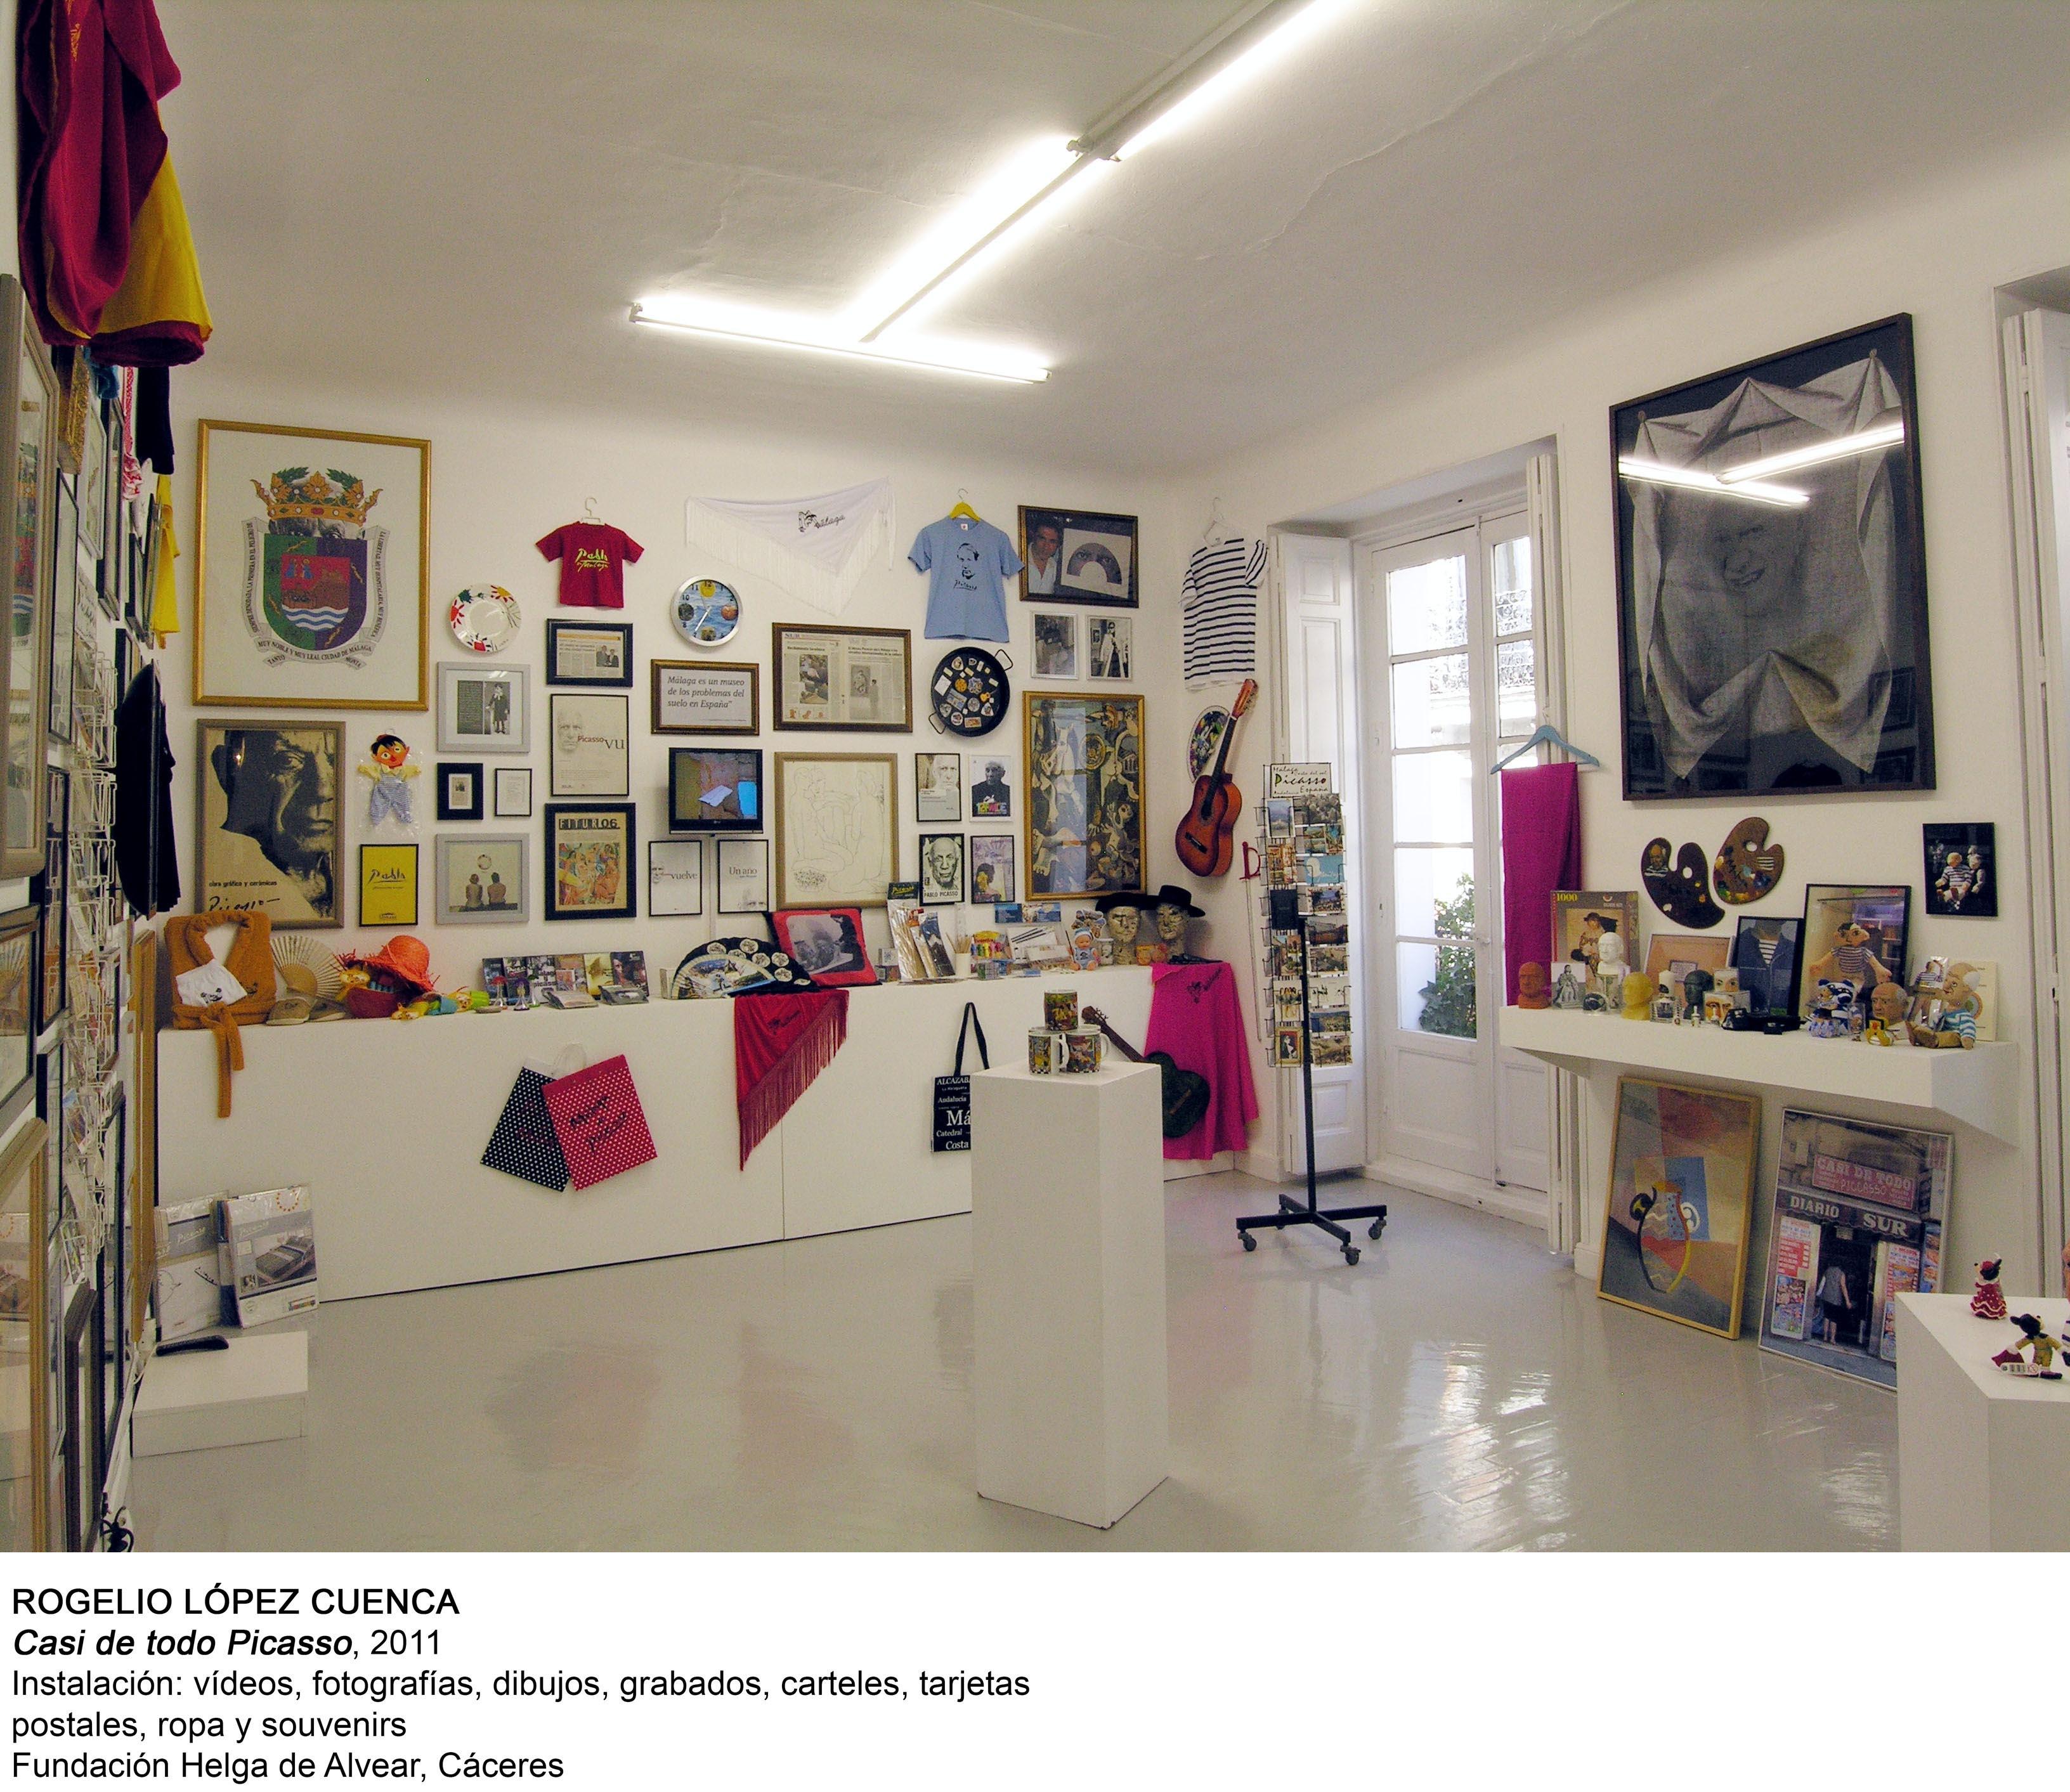 Casi de todo Picasso (2011) - Rogelio López Cuenca